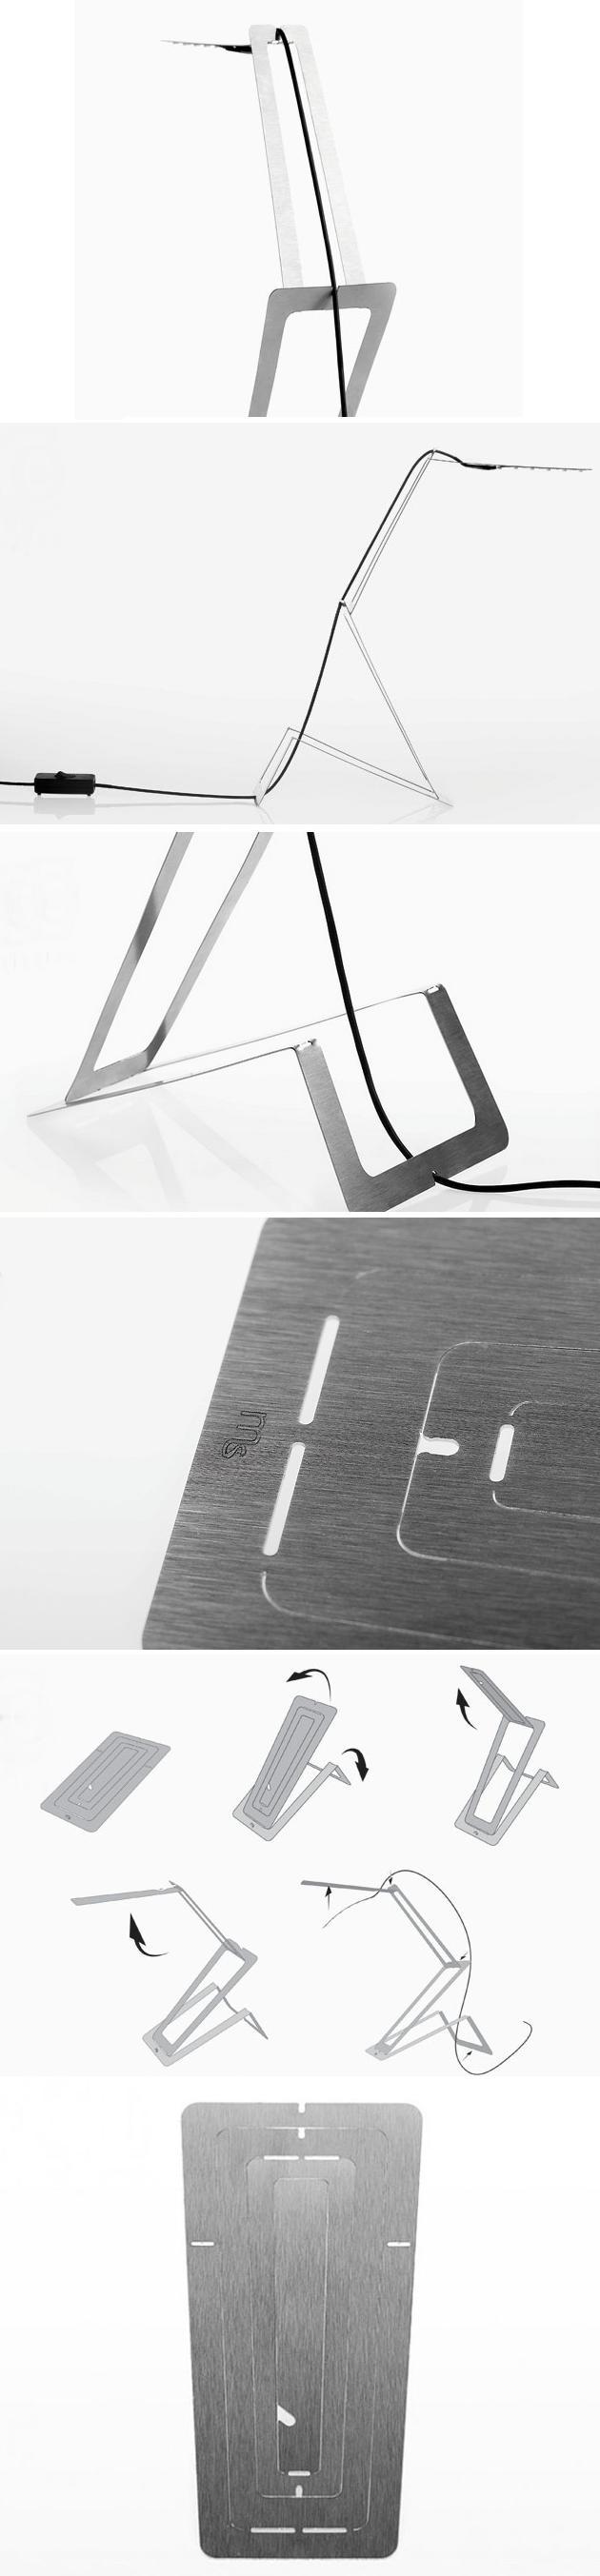 Светодиодная лампа «Flaca»